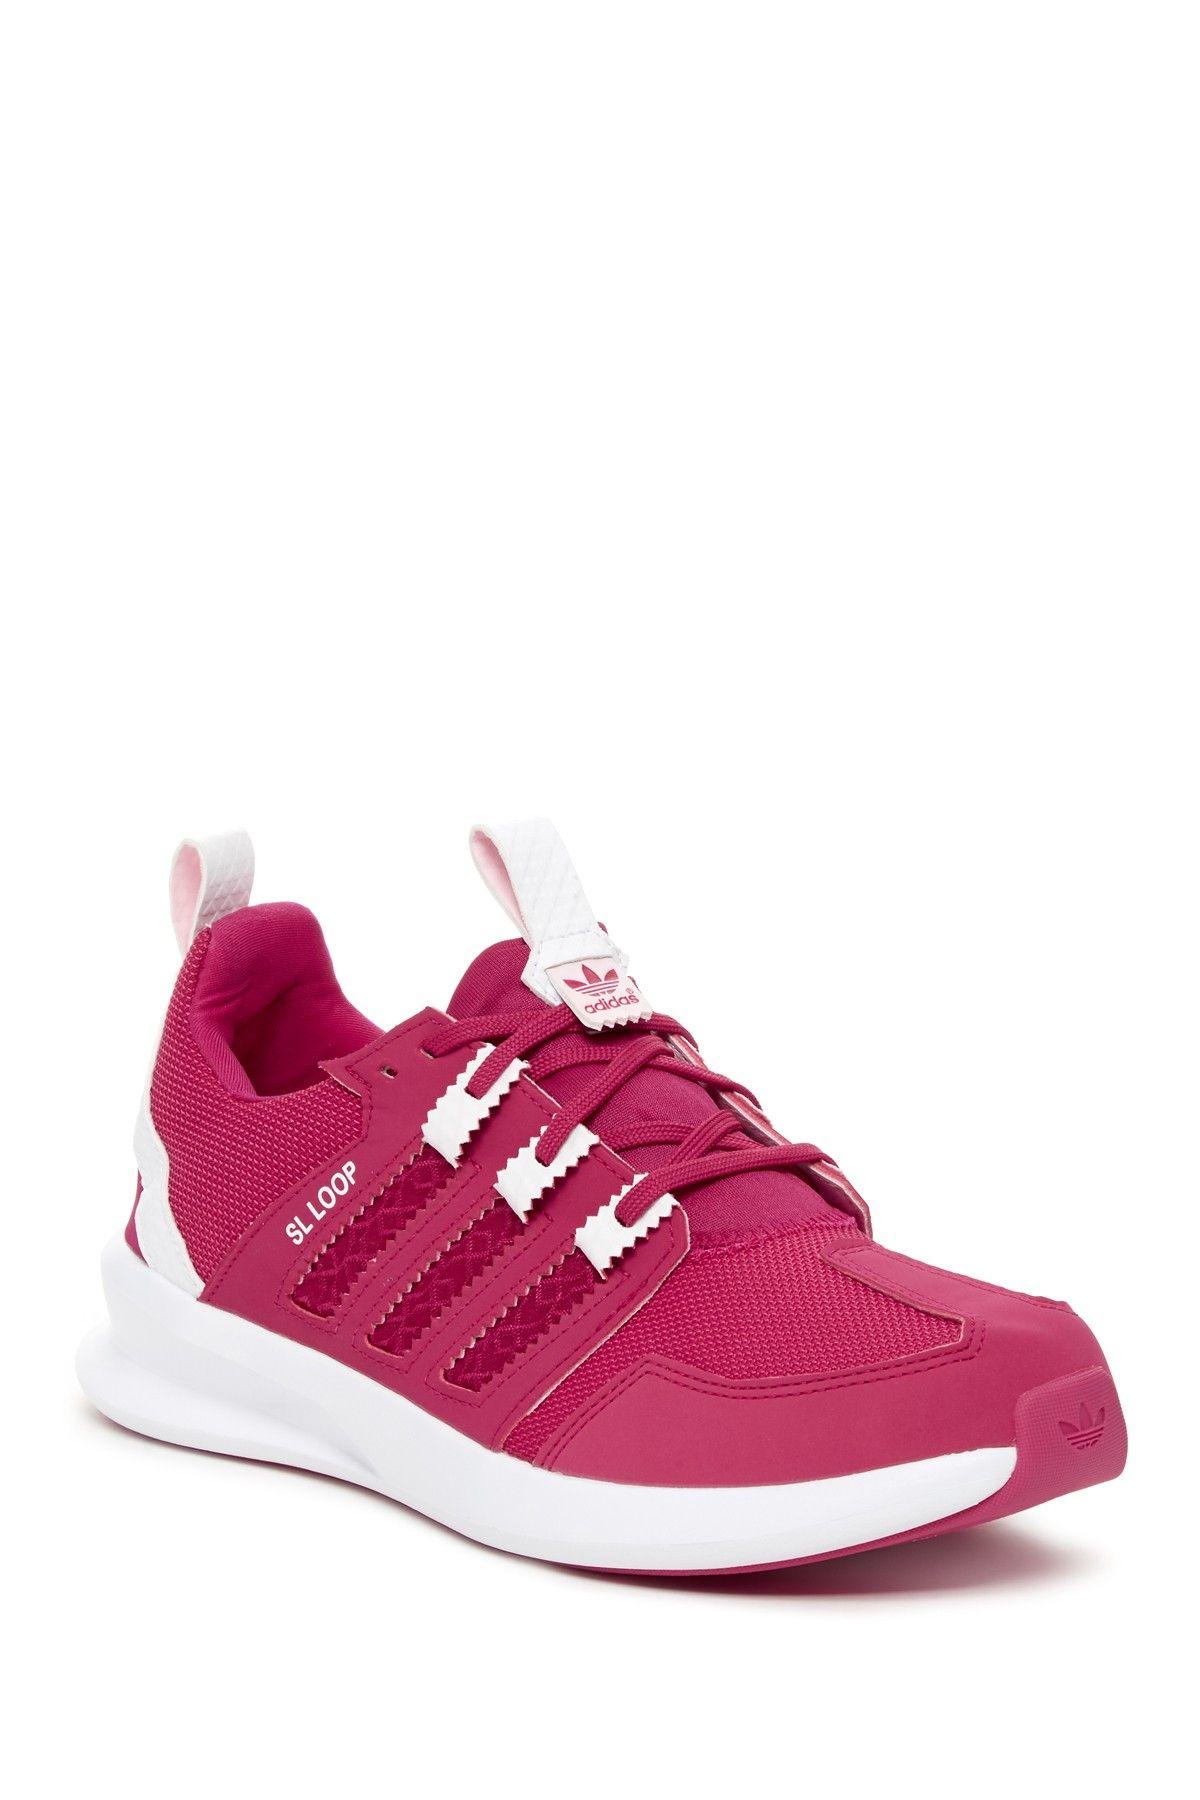 adidas | SL Loop Runner Sneaker (Big Kid) | Nordstrom Rack